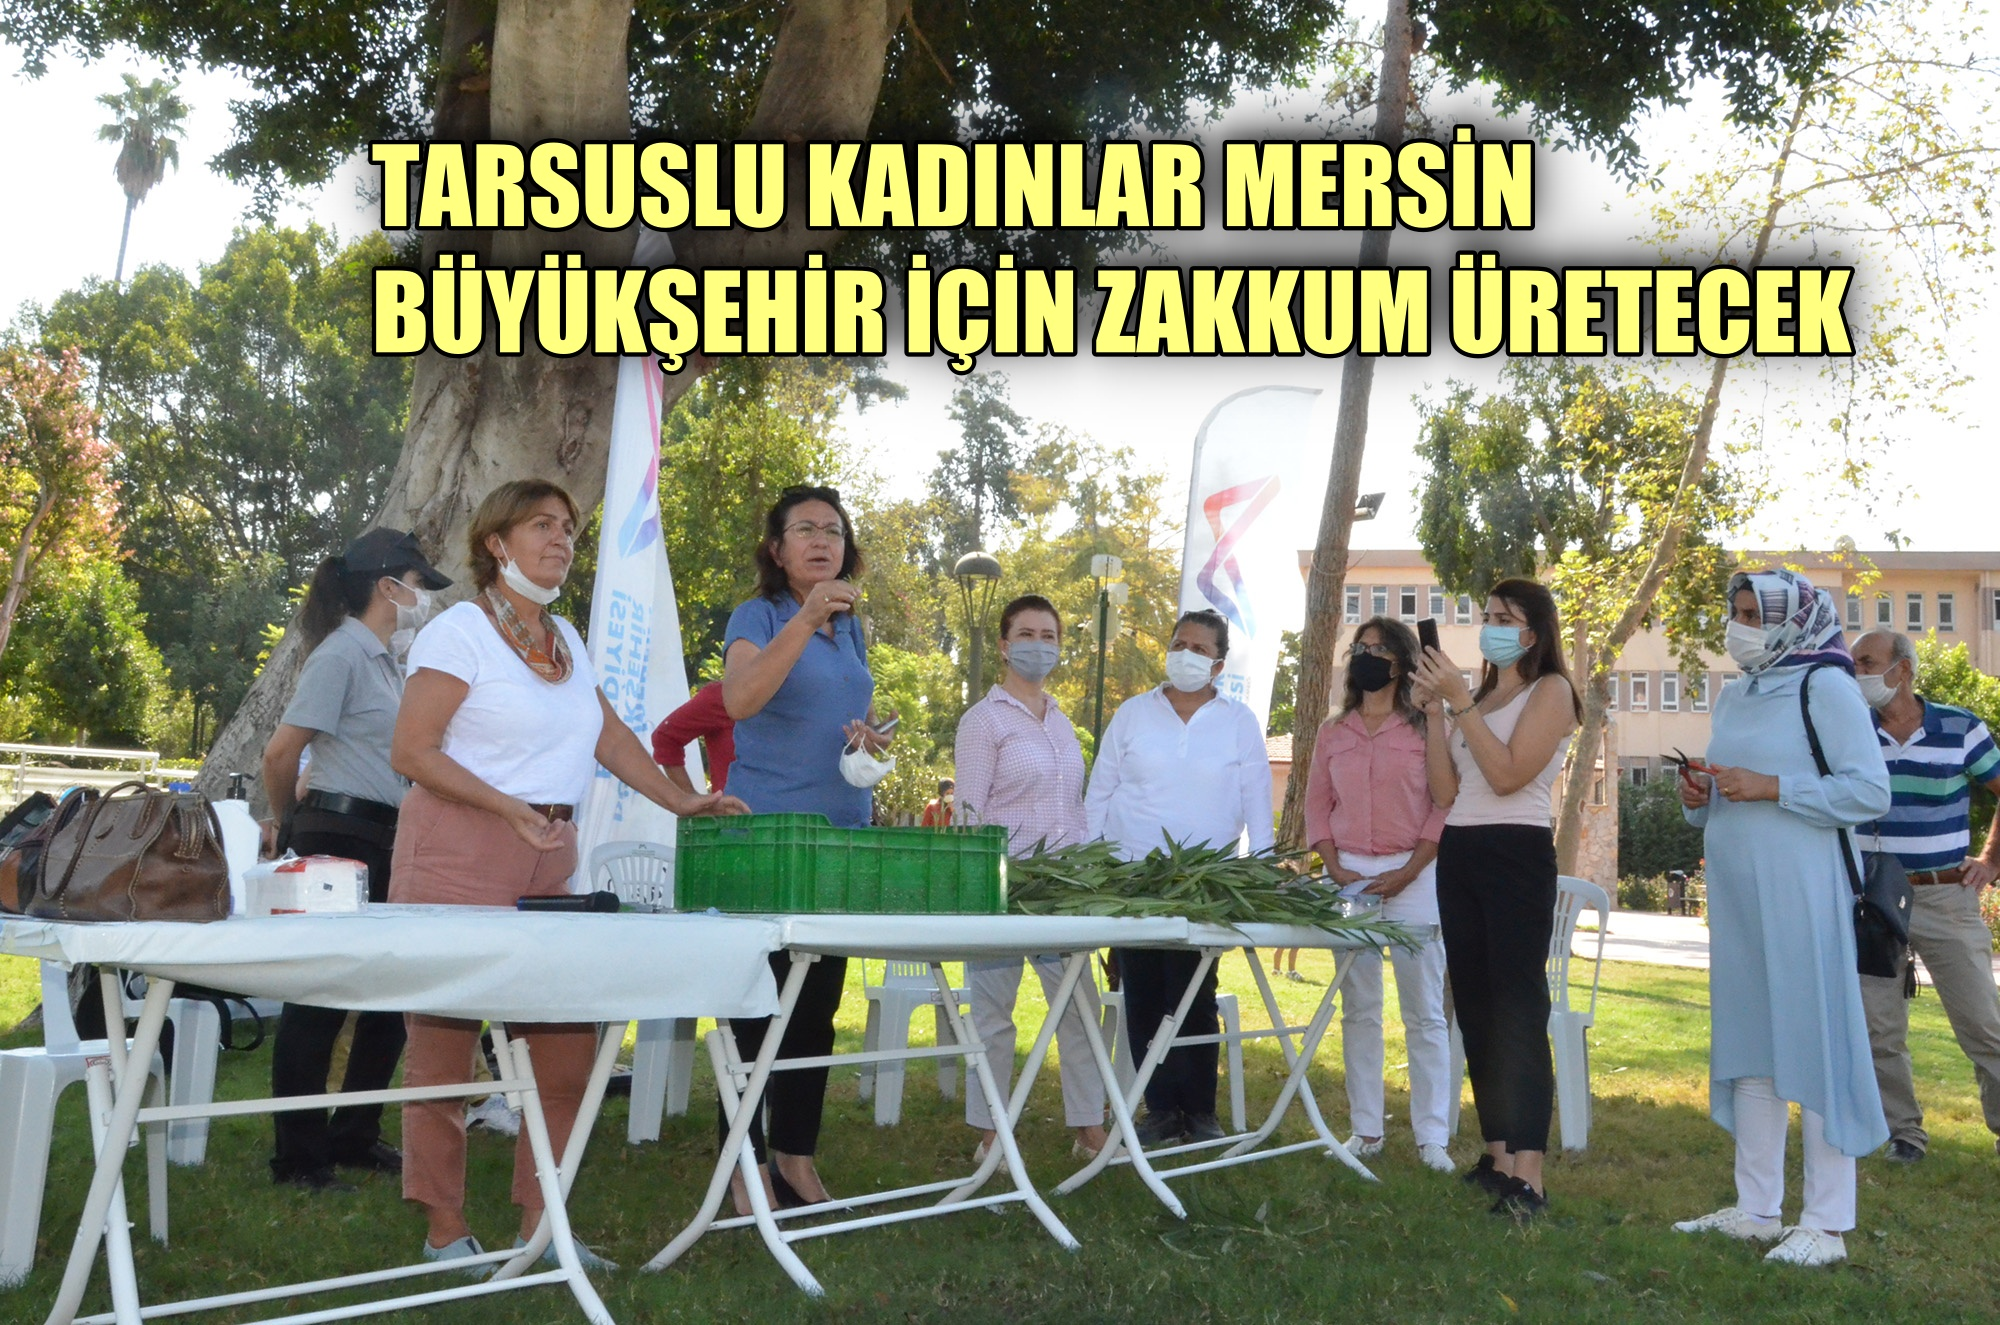 Tarsuslu kadınlar Mersin Büyükşehir için zakkum üretecek